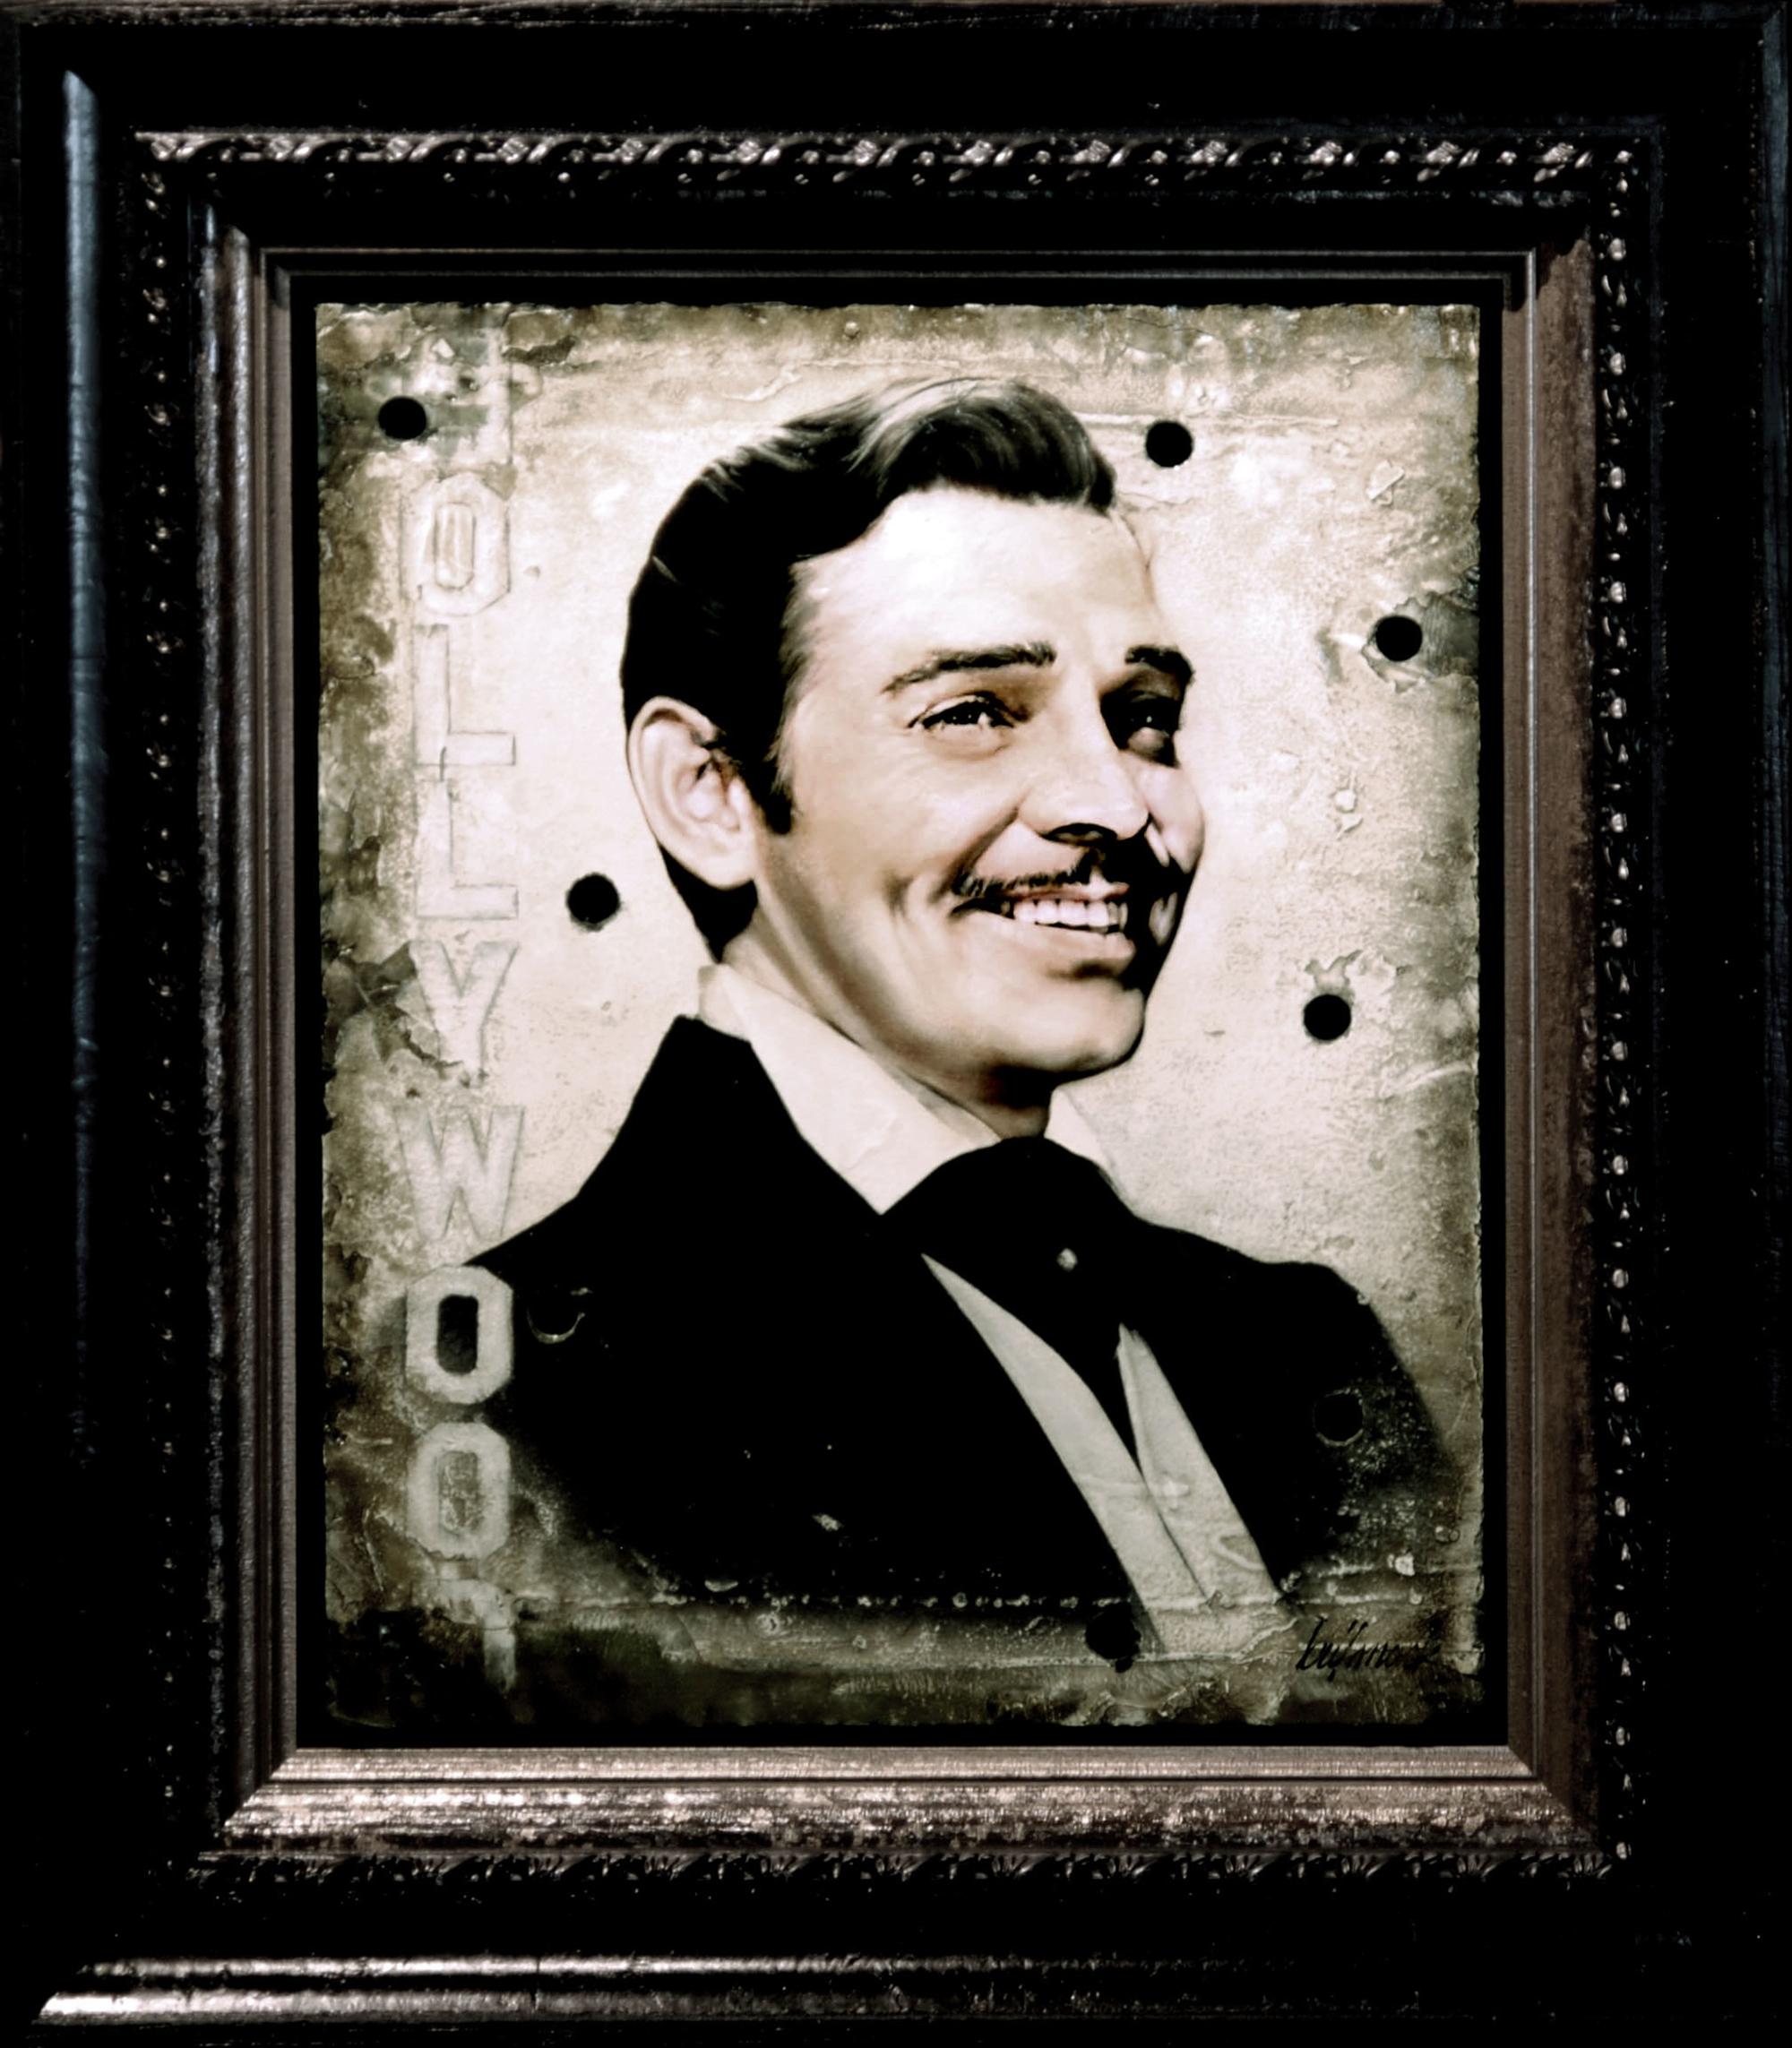 Clark Gable by Bill Mack Hollywood Sign